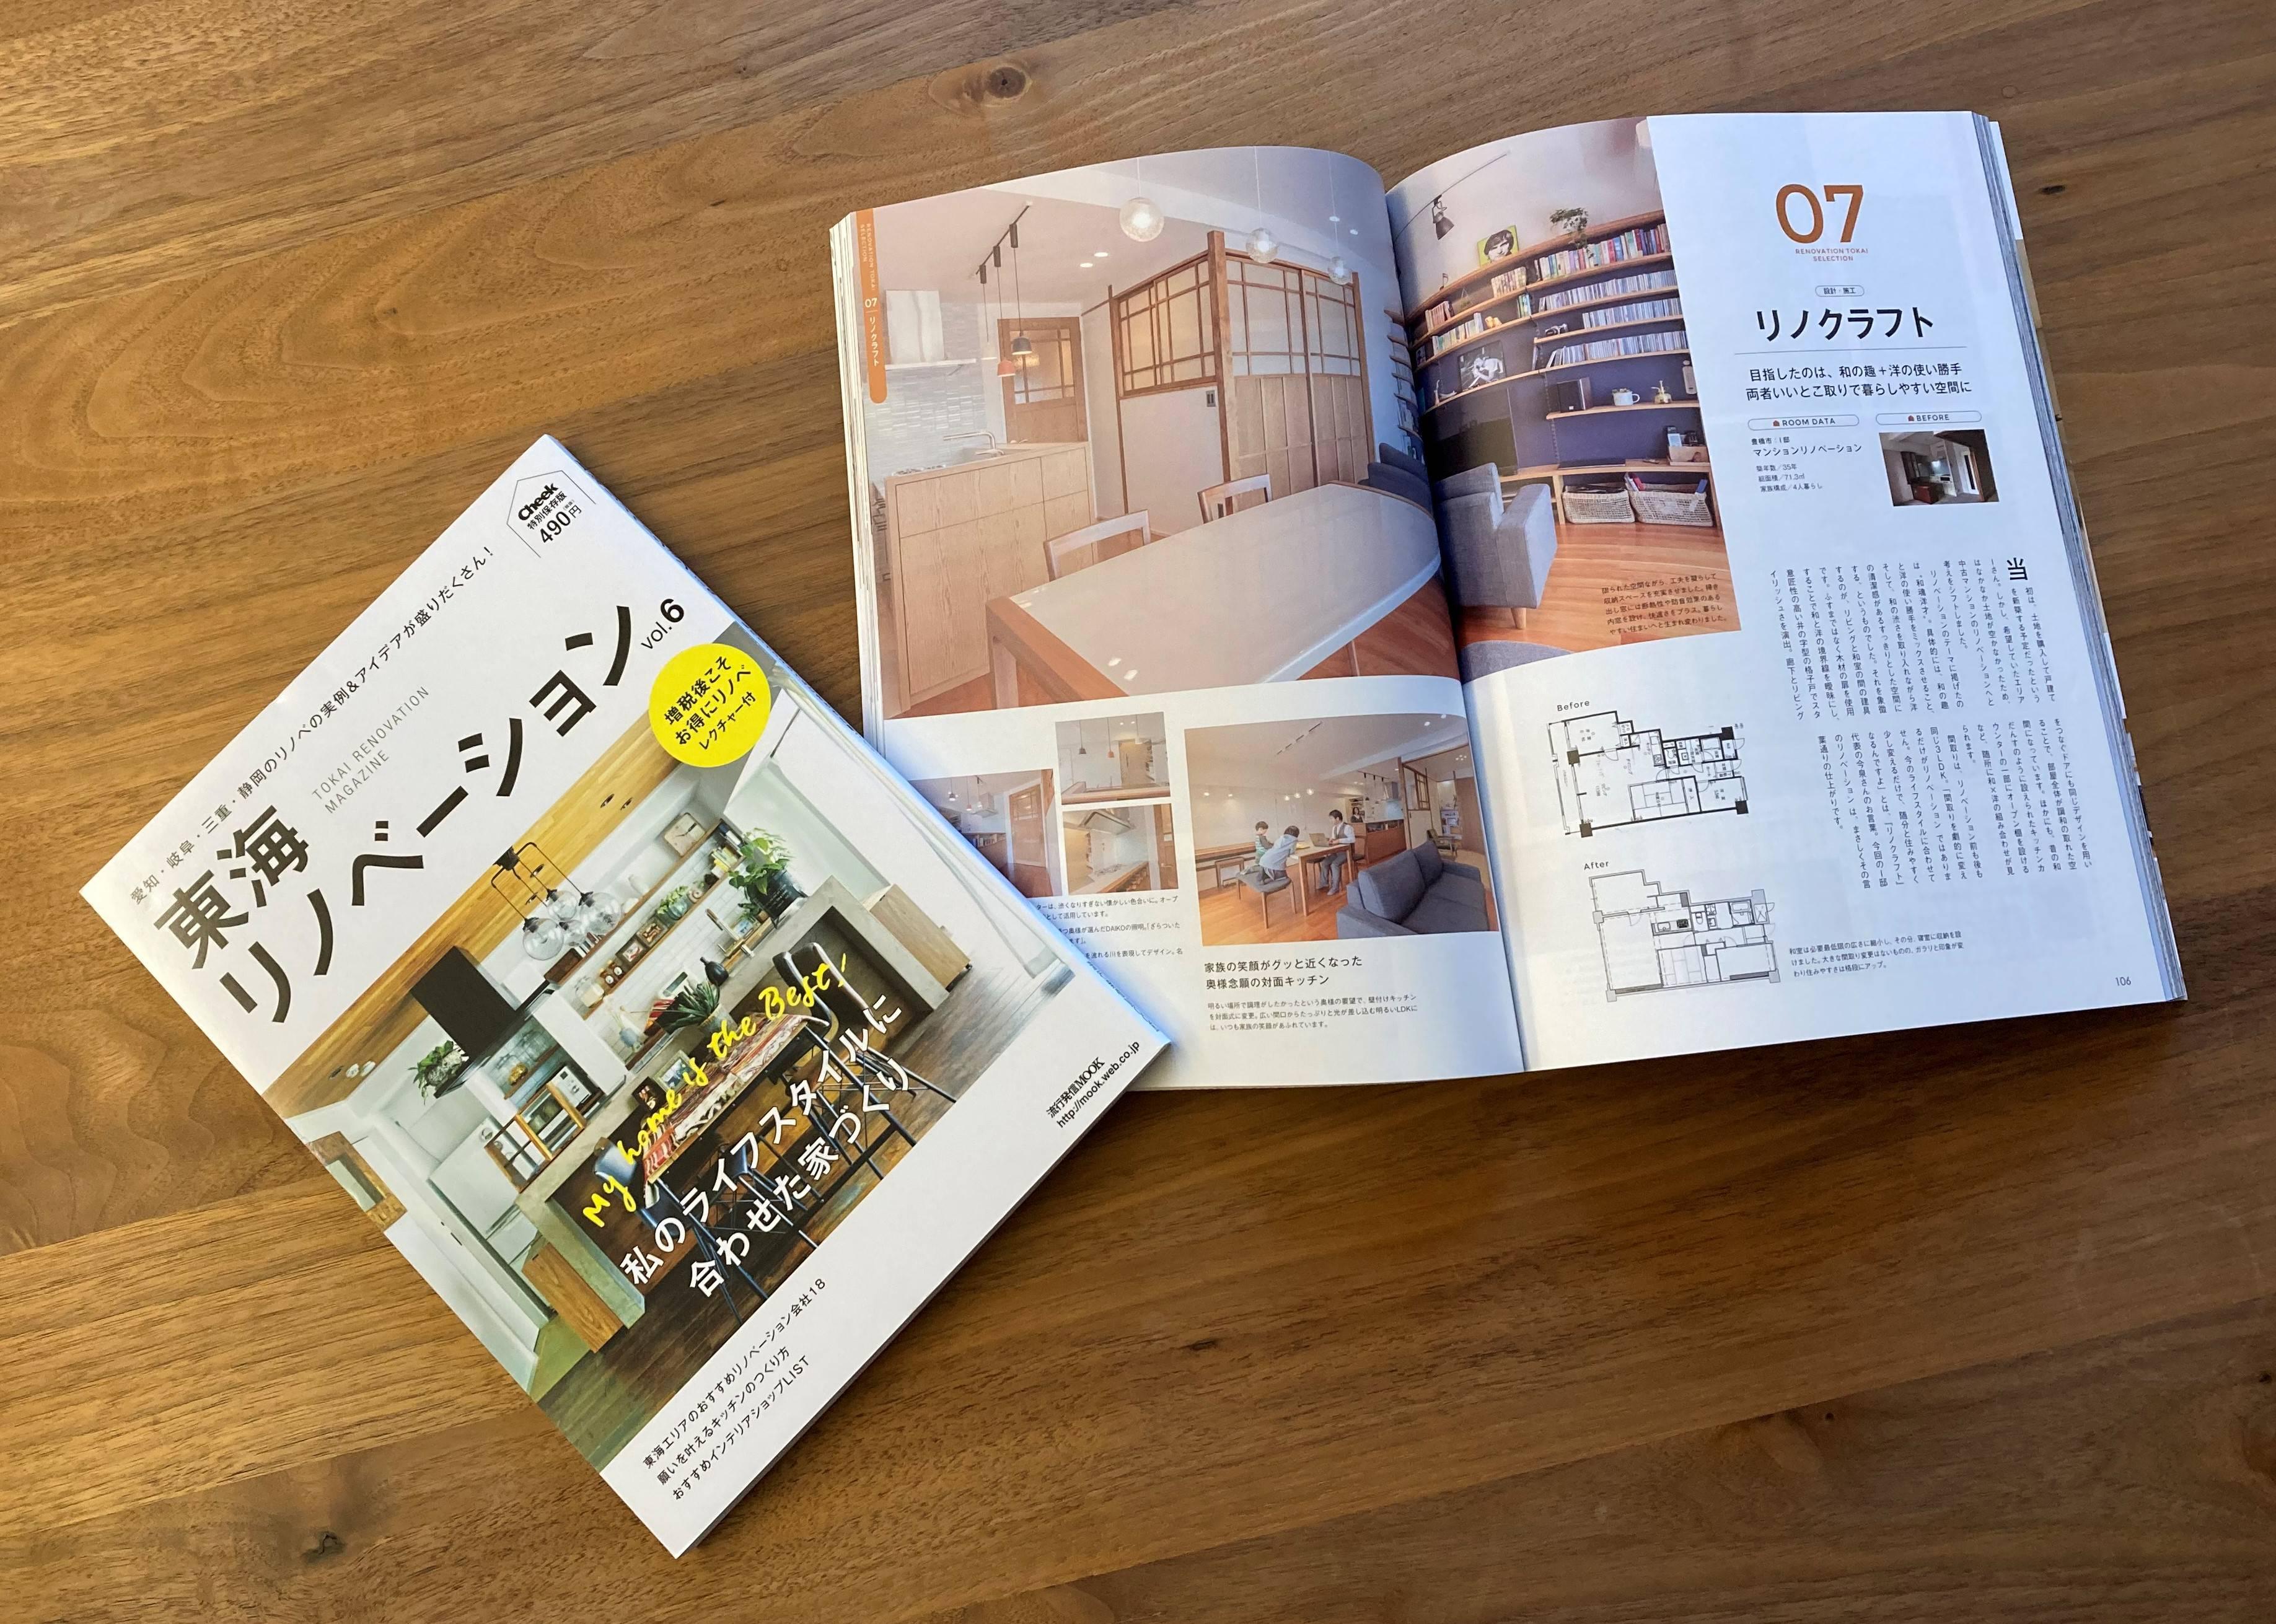 豊橋市でリノベーションを手掛けるリノクラフト株式会社も掲載されている東海リノベーションという雑誌